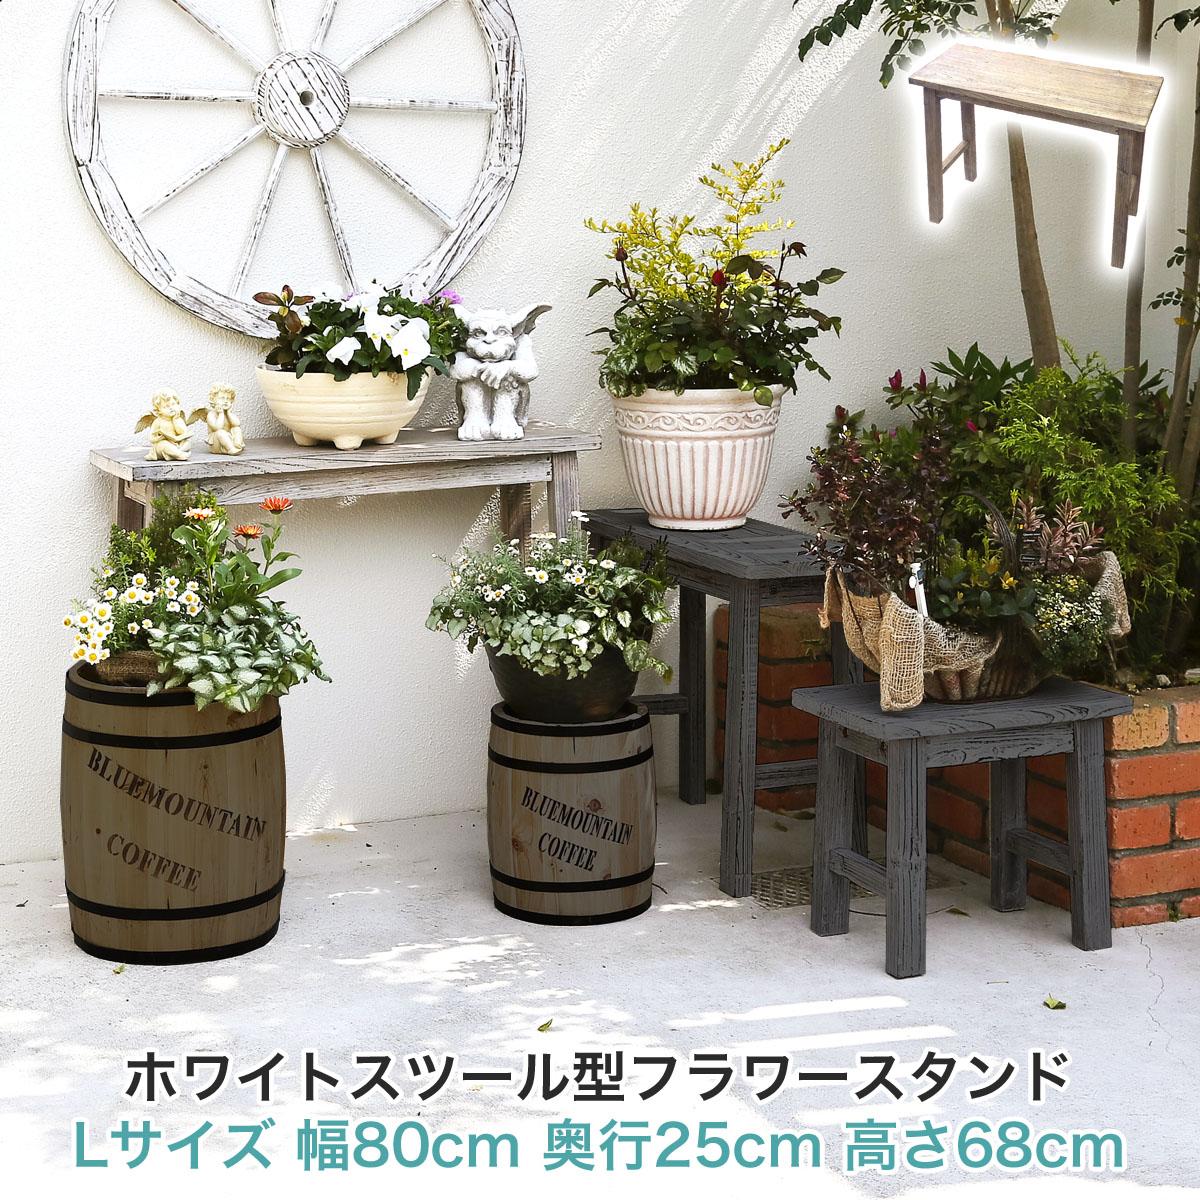 天然木製 ホワイトスツール型花台L 凝った仕上げのシンプルフォルムが美しい 商品型番:yt-8068